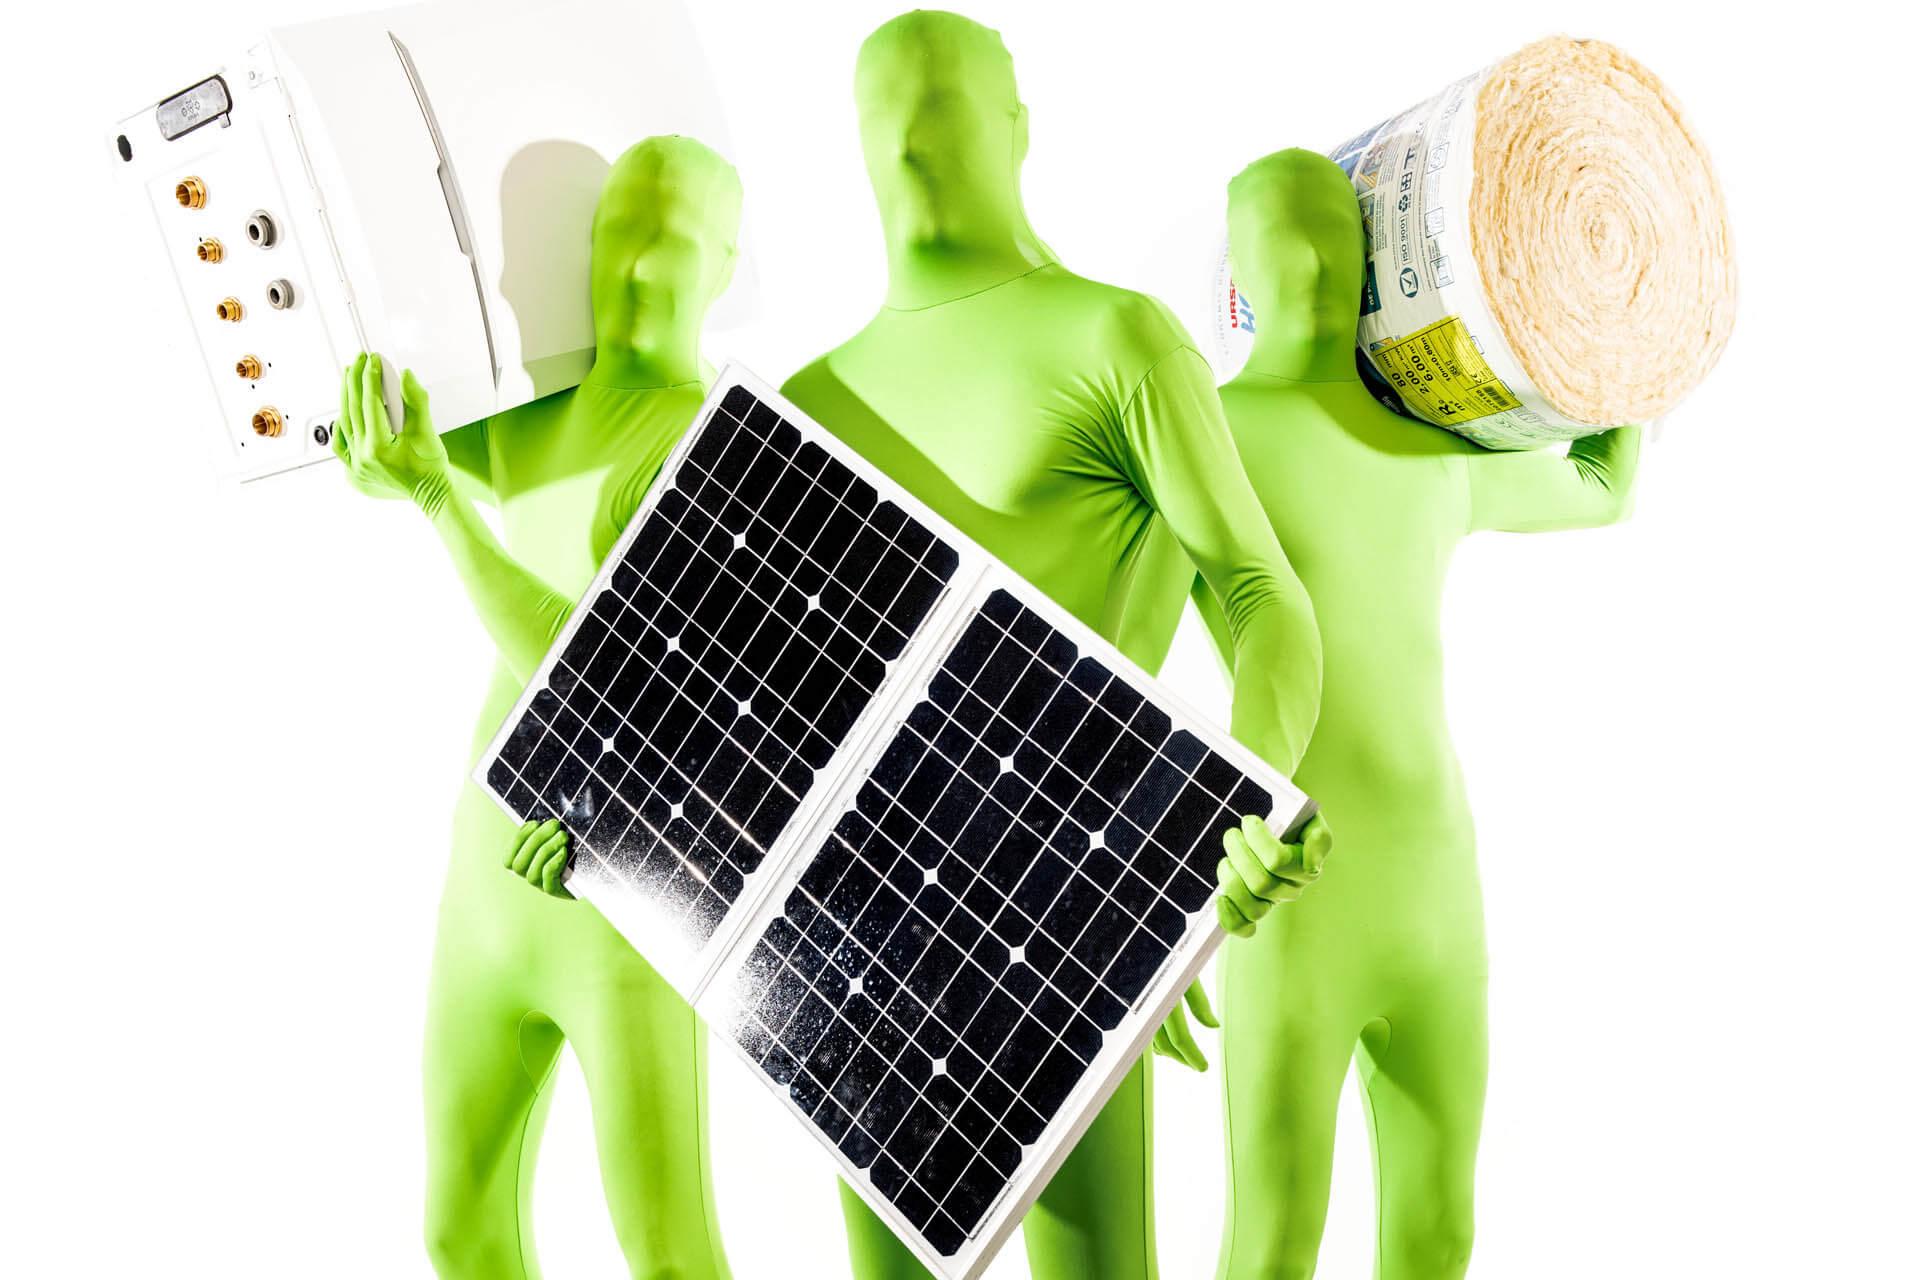 de A-Duurzame Energie Apeldoorn-het groene mannetje